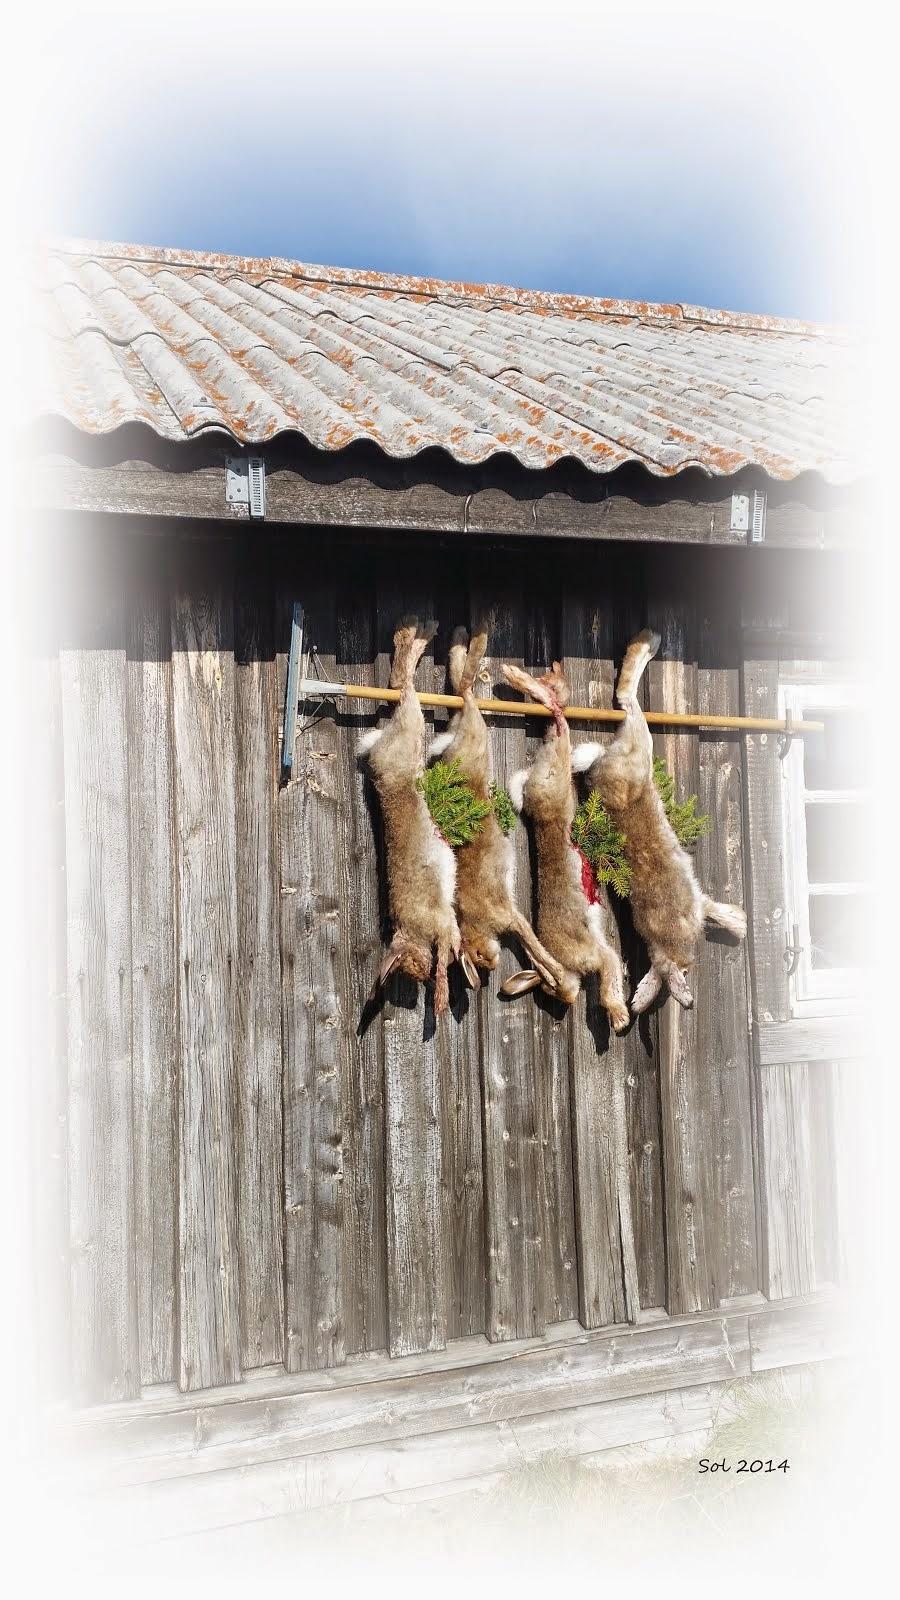 Jakt på Gåla 2014